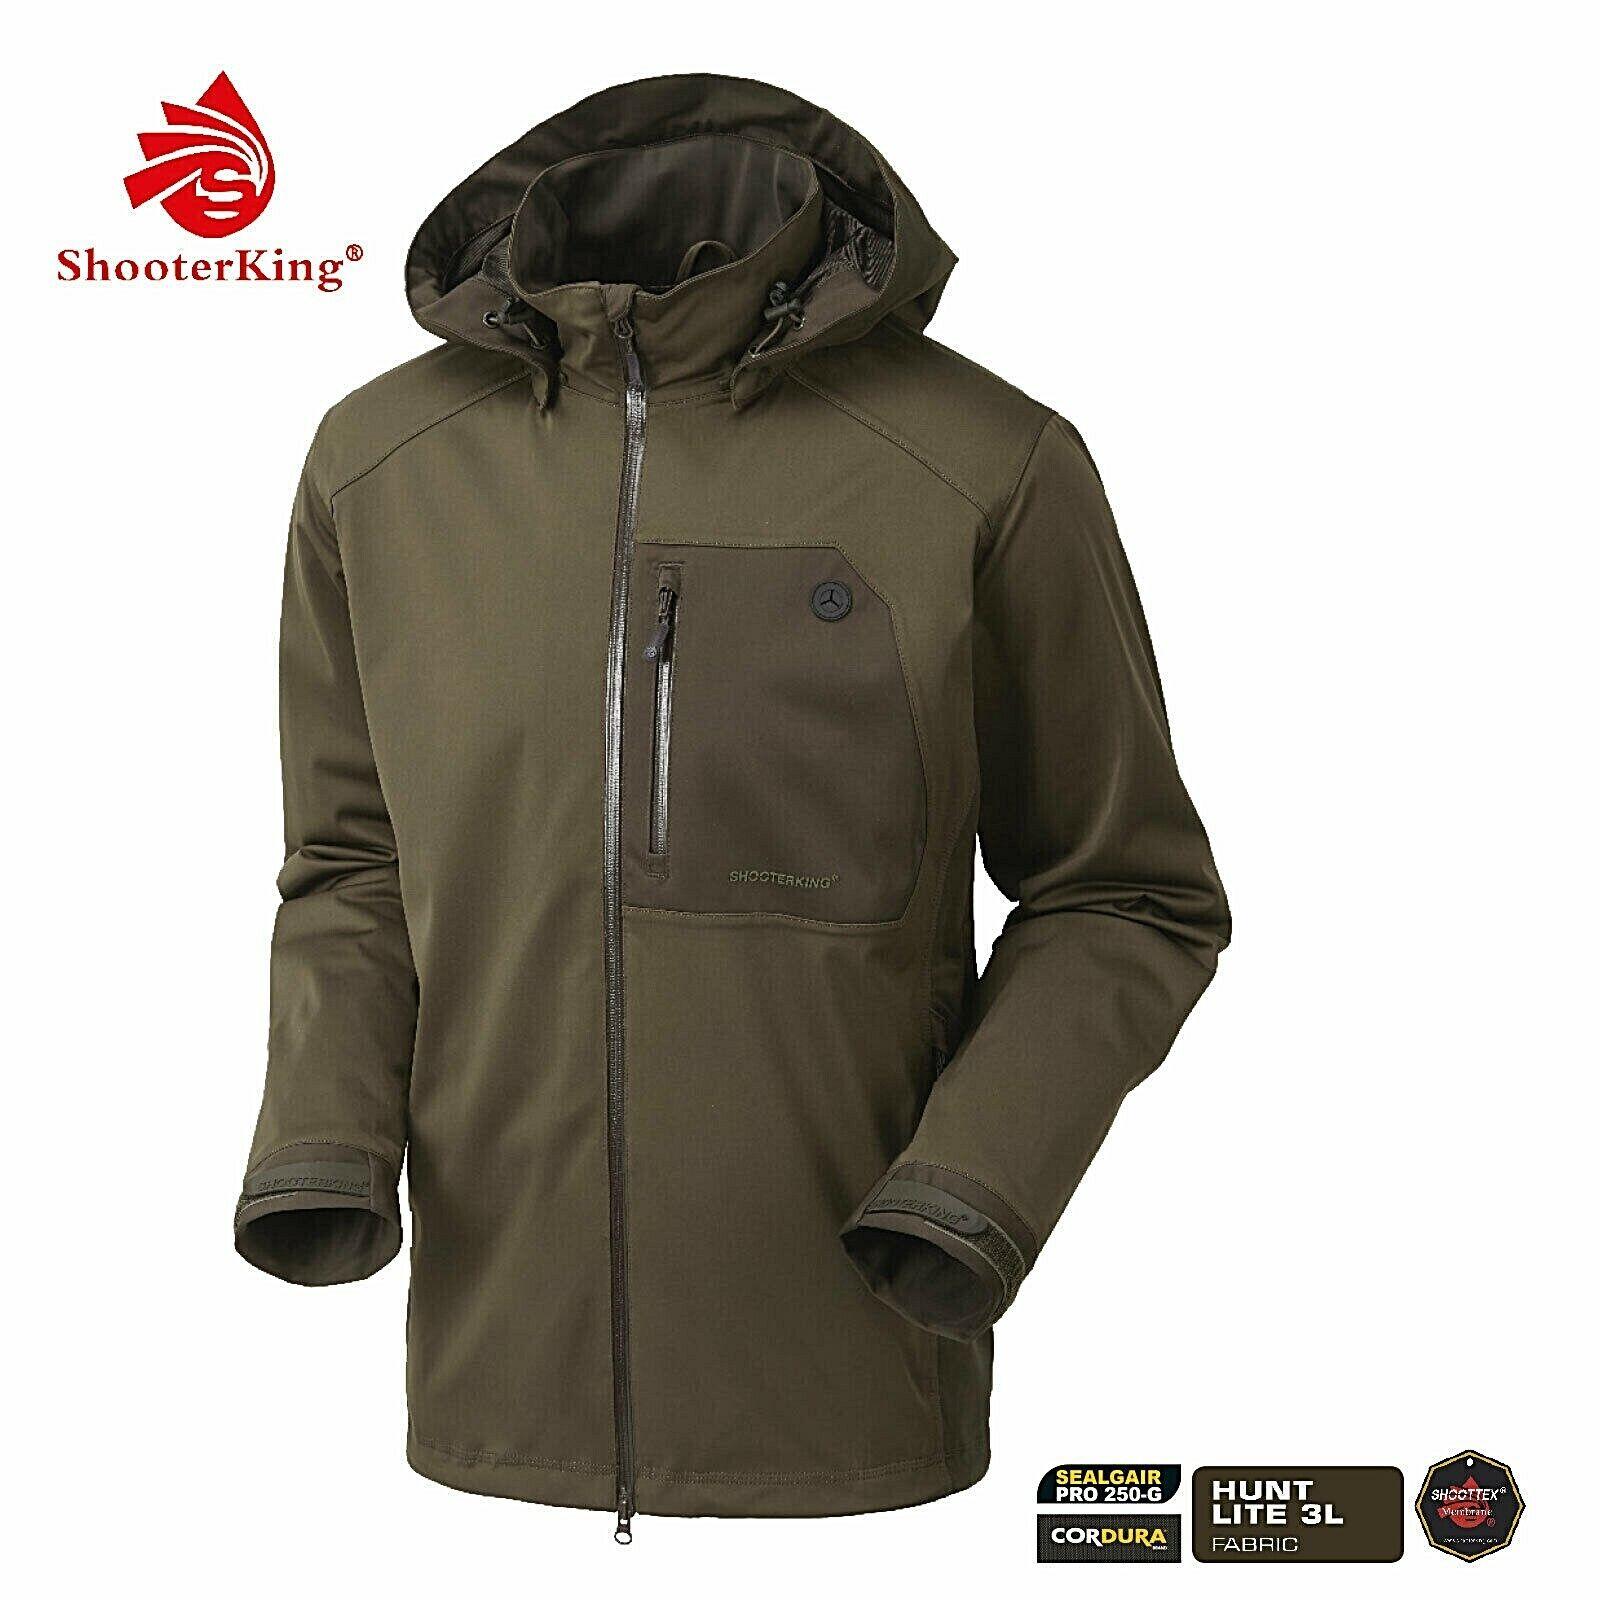 ¡¡¡¡Nuevo      - ShooterKING chaqueta de caza HUNTFLEX - marrón - con membrana  autentico en linea